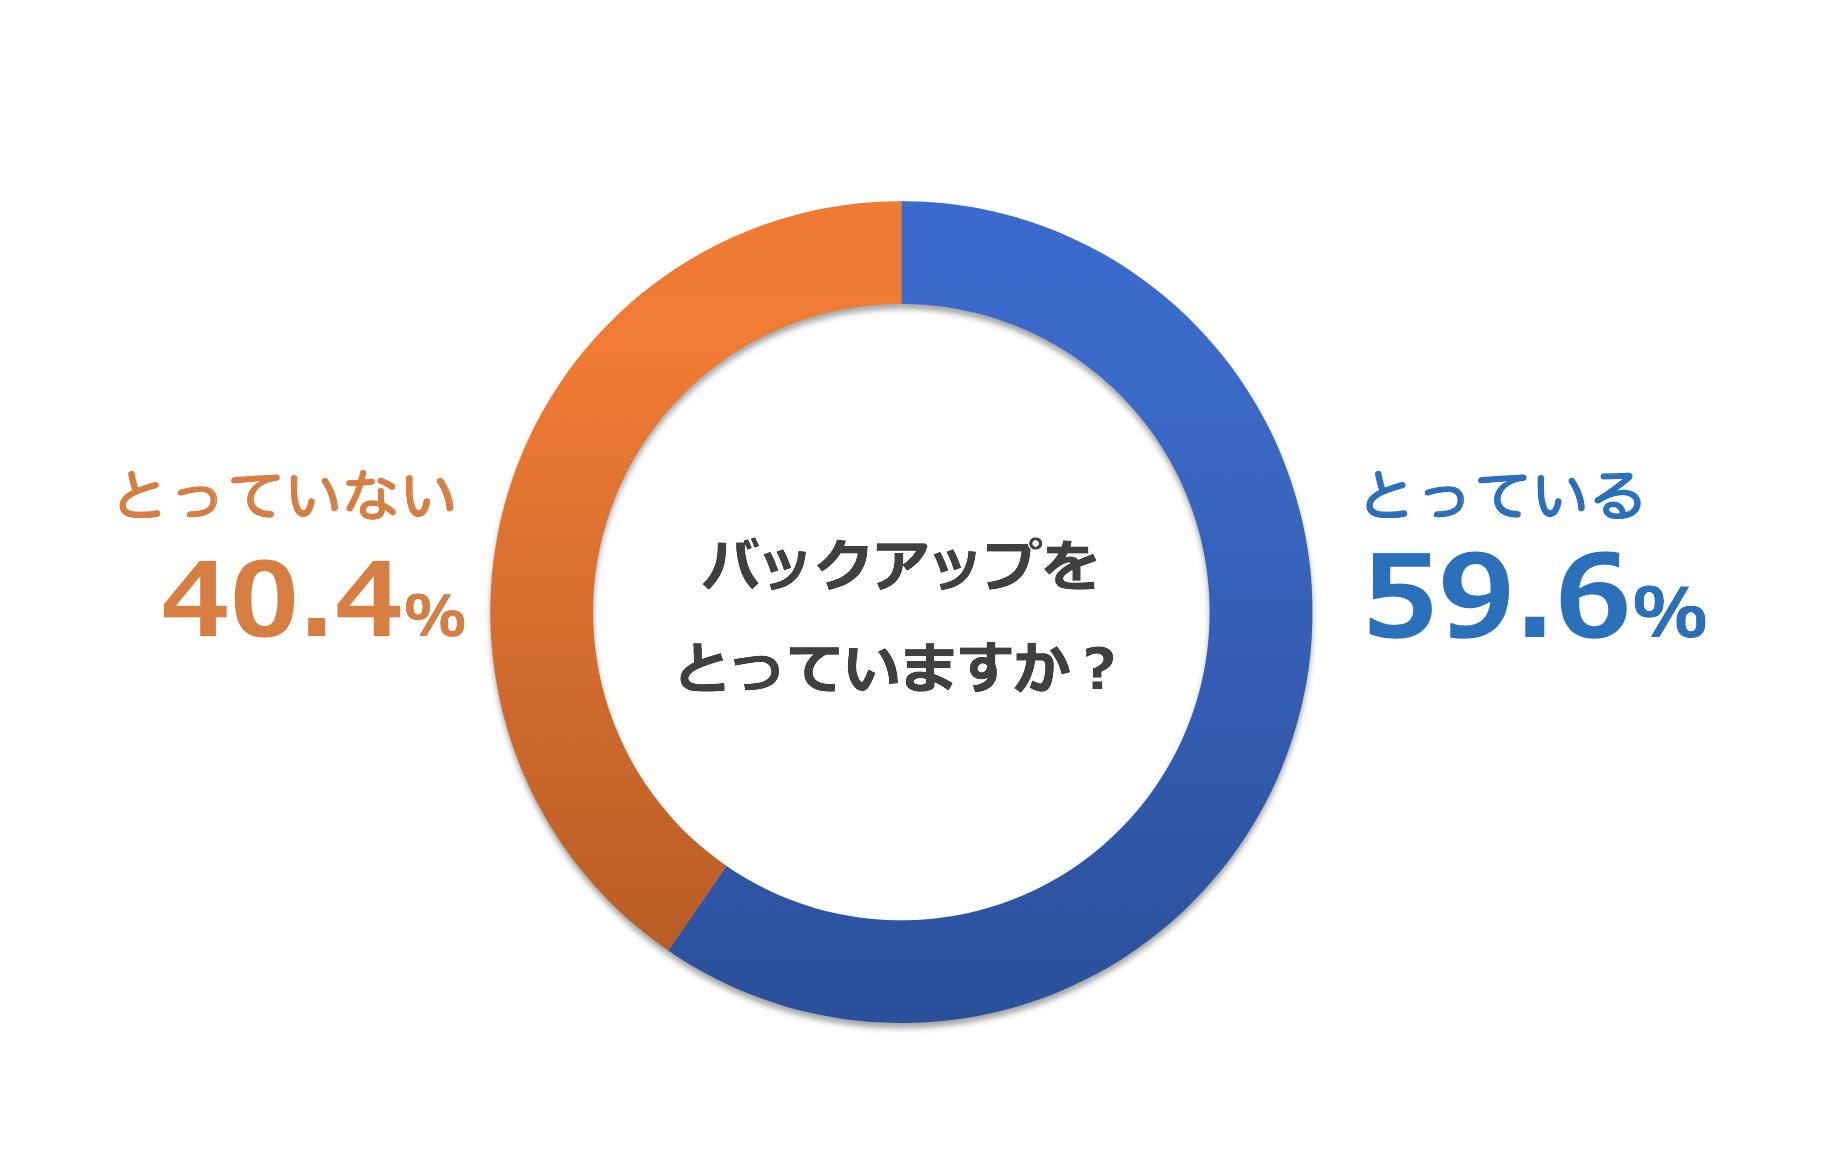 スマホのバックアップをとっている人の割合を示すグラフ